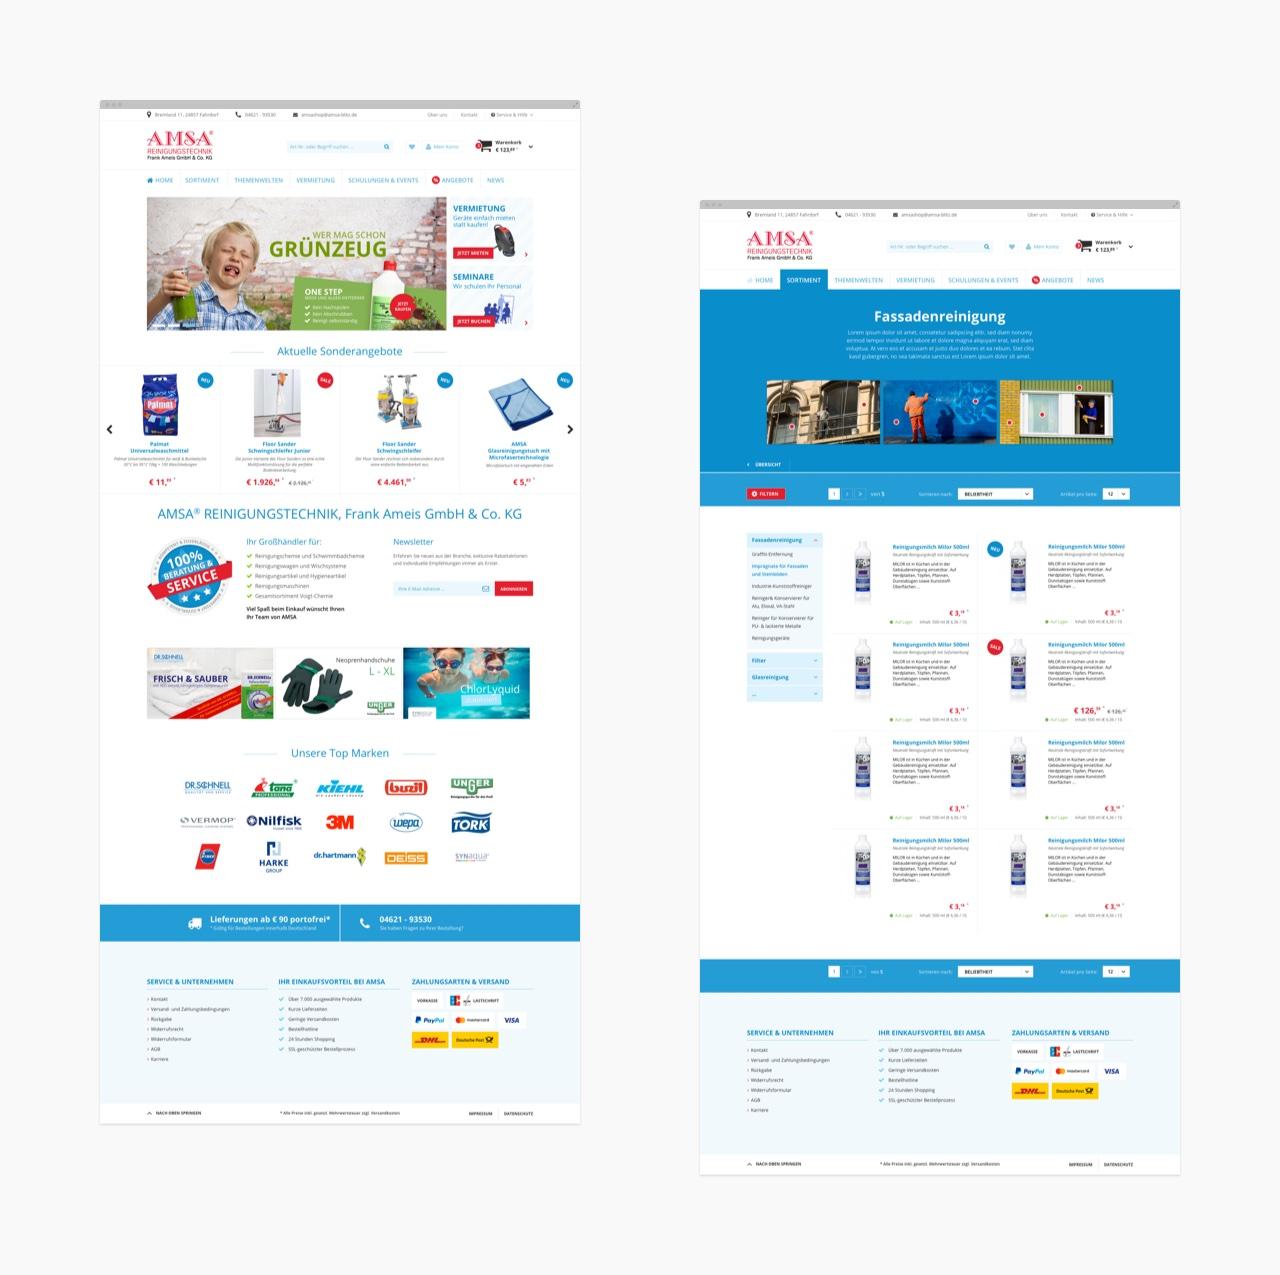 AMSA Reinigungstechnik - Shopware